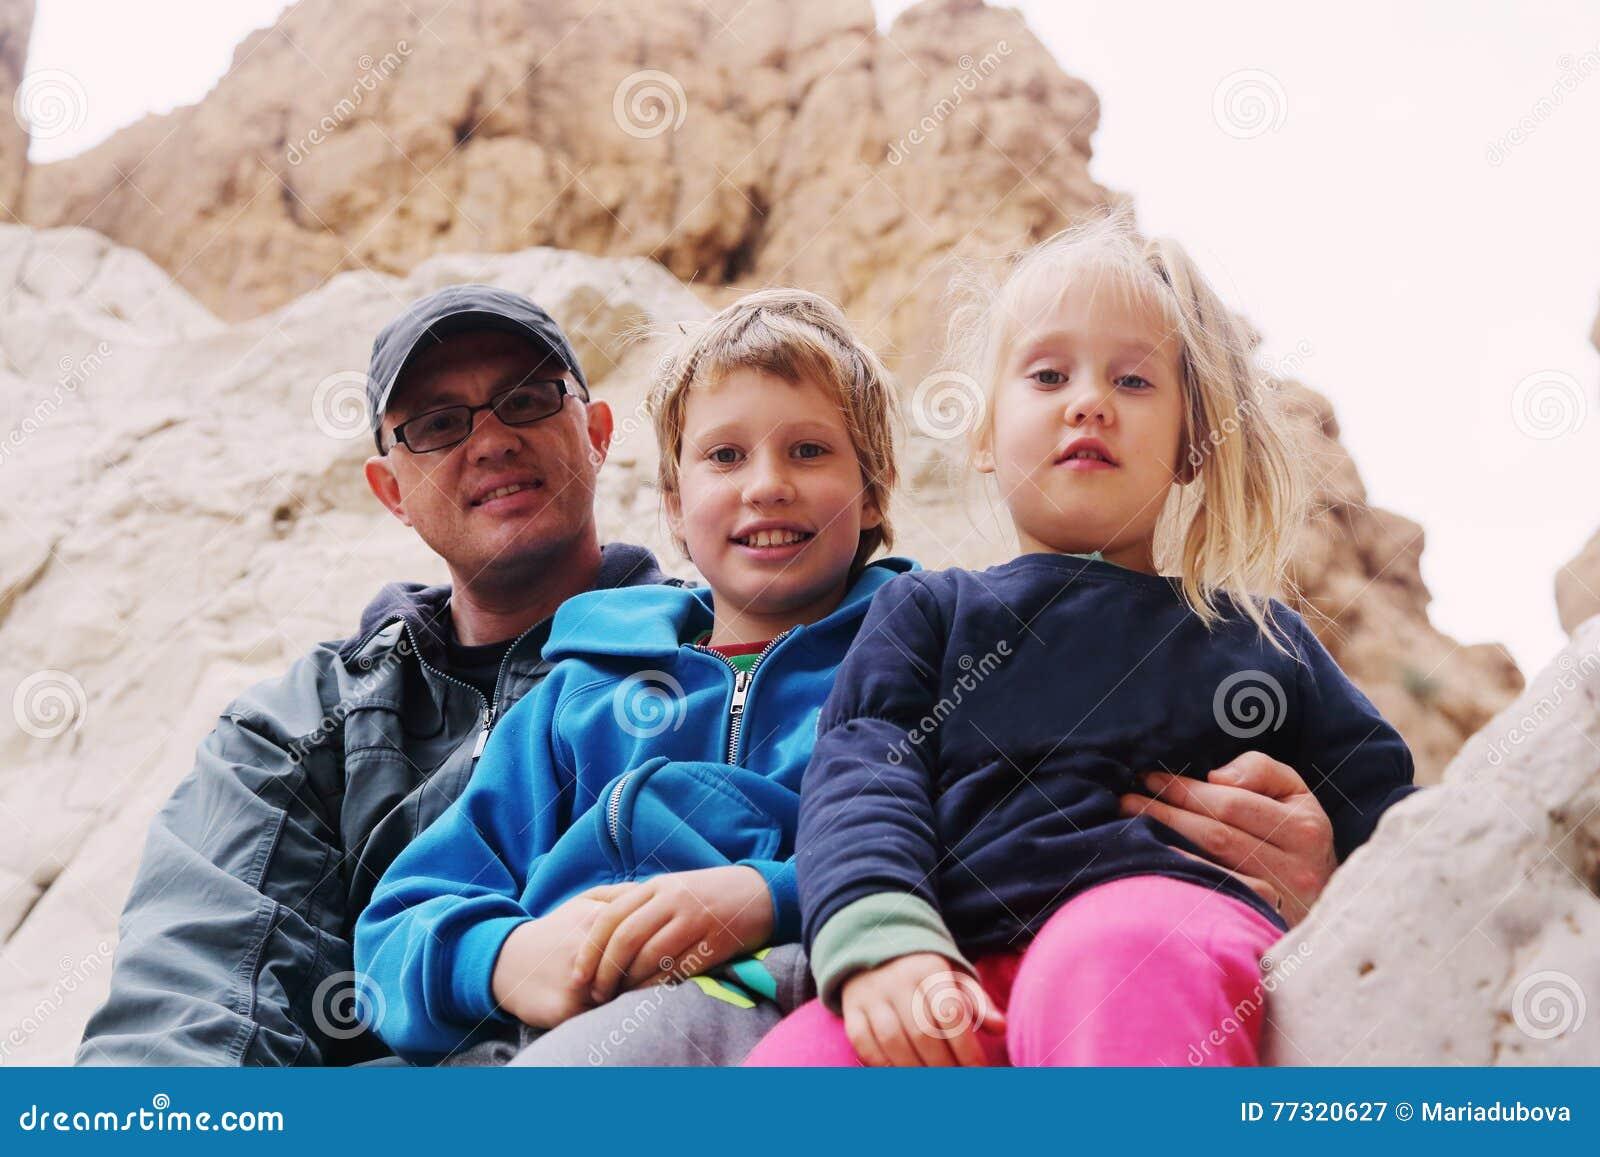 Ritratto del padre con due bambini